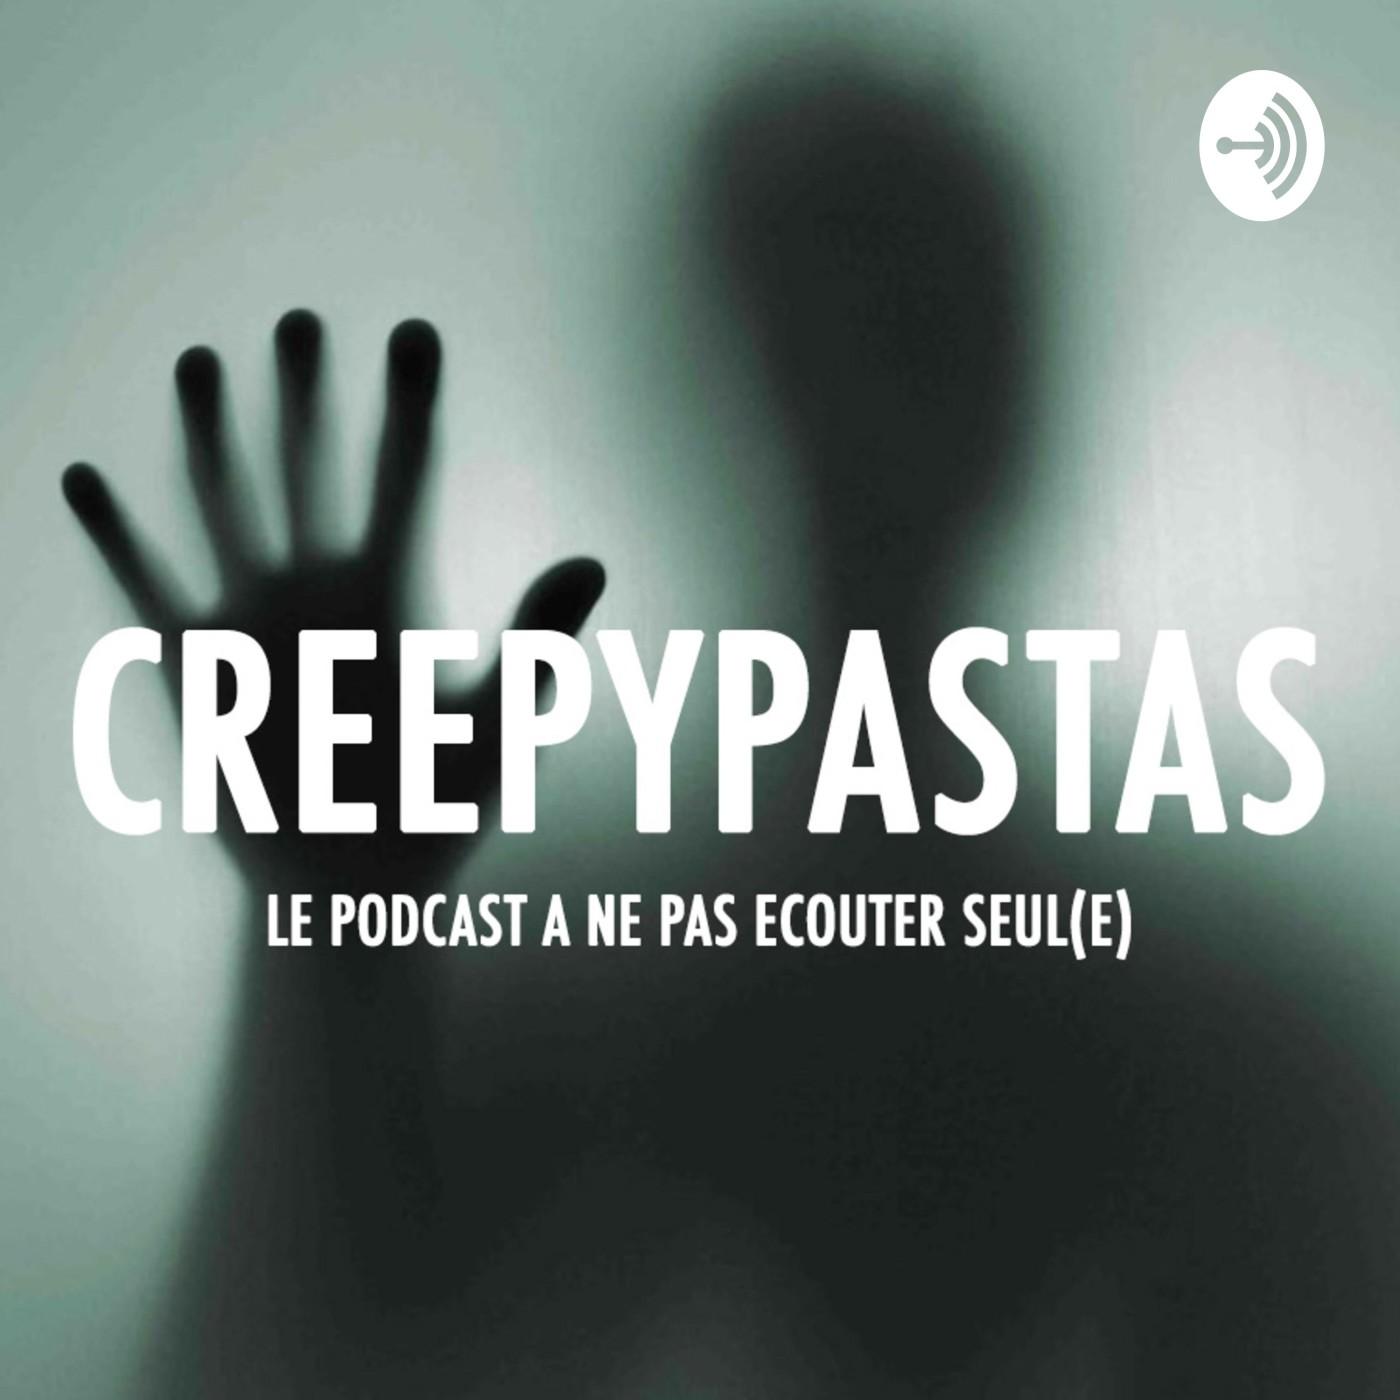 CREEPYPASTA EP.006 - Le jeu de la mort - Podcast horreur & paranormal